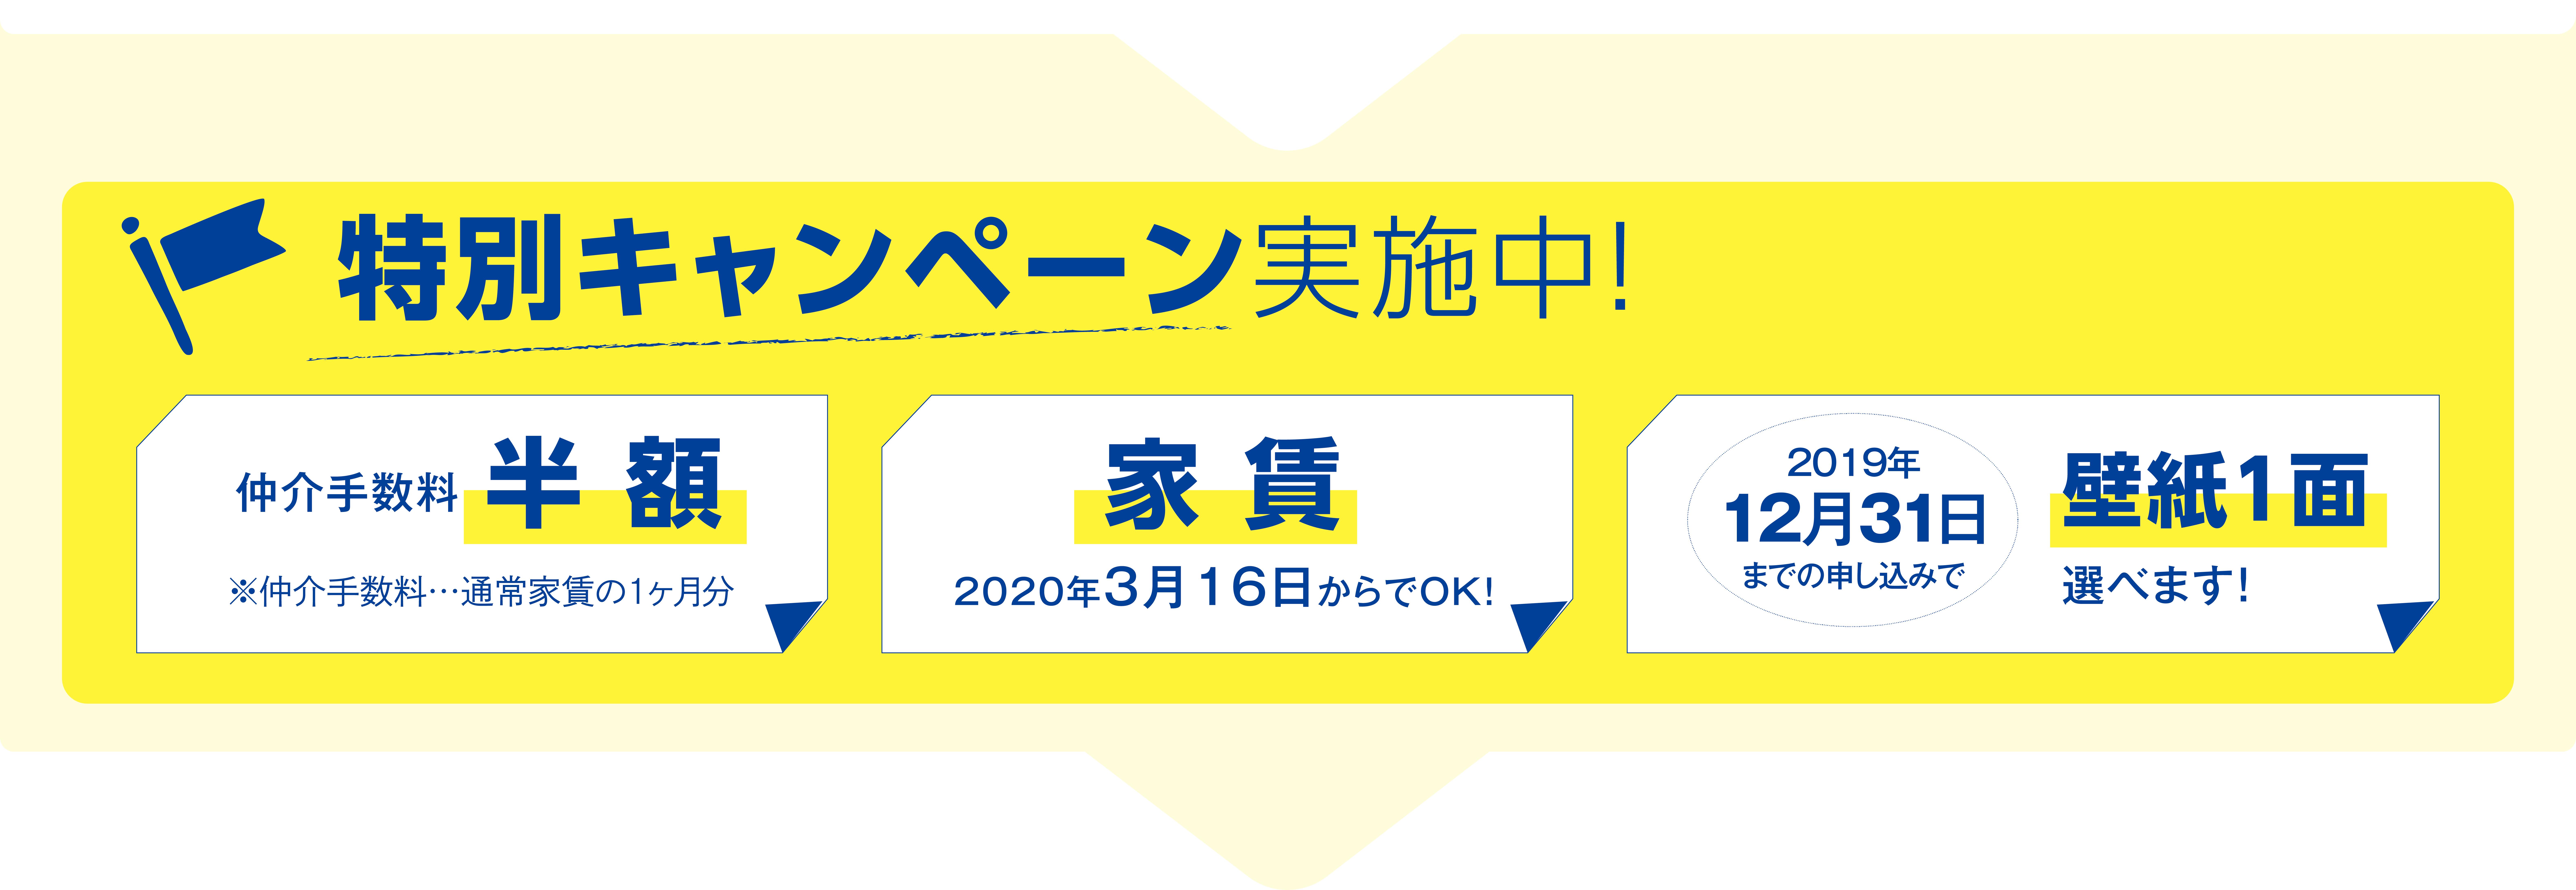 shitei_toku